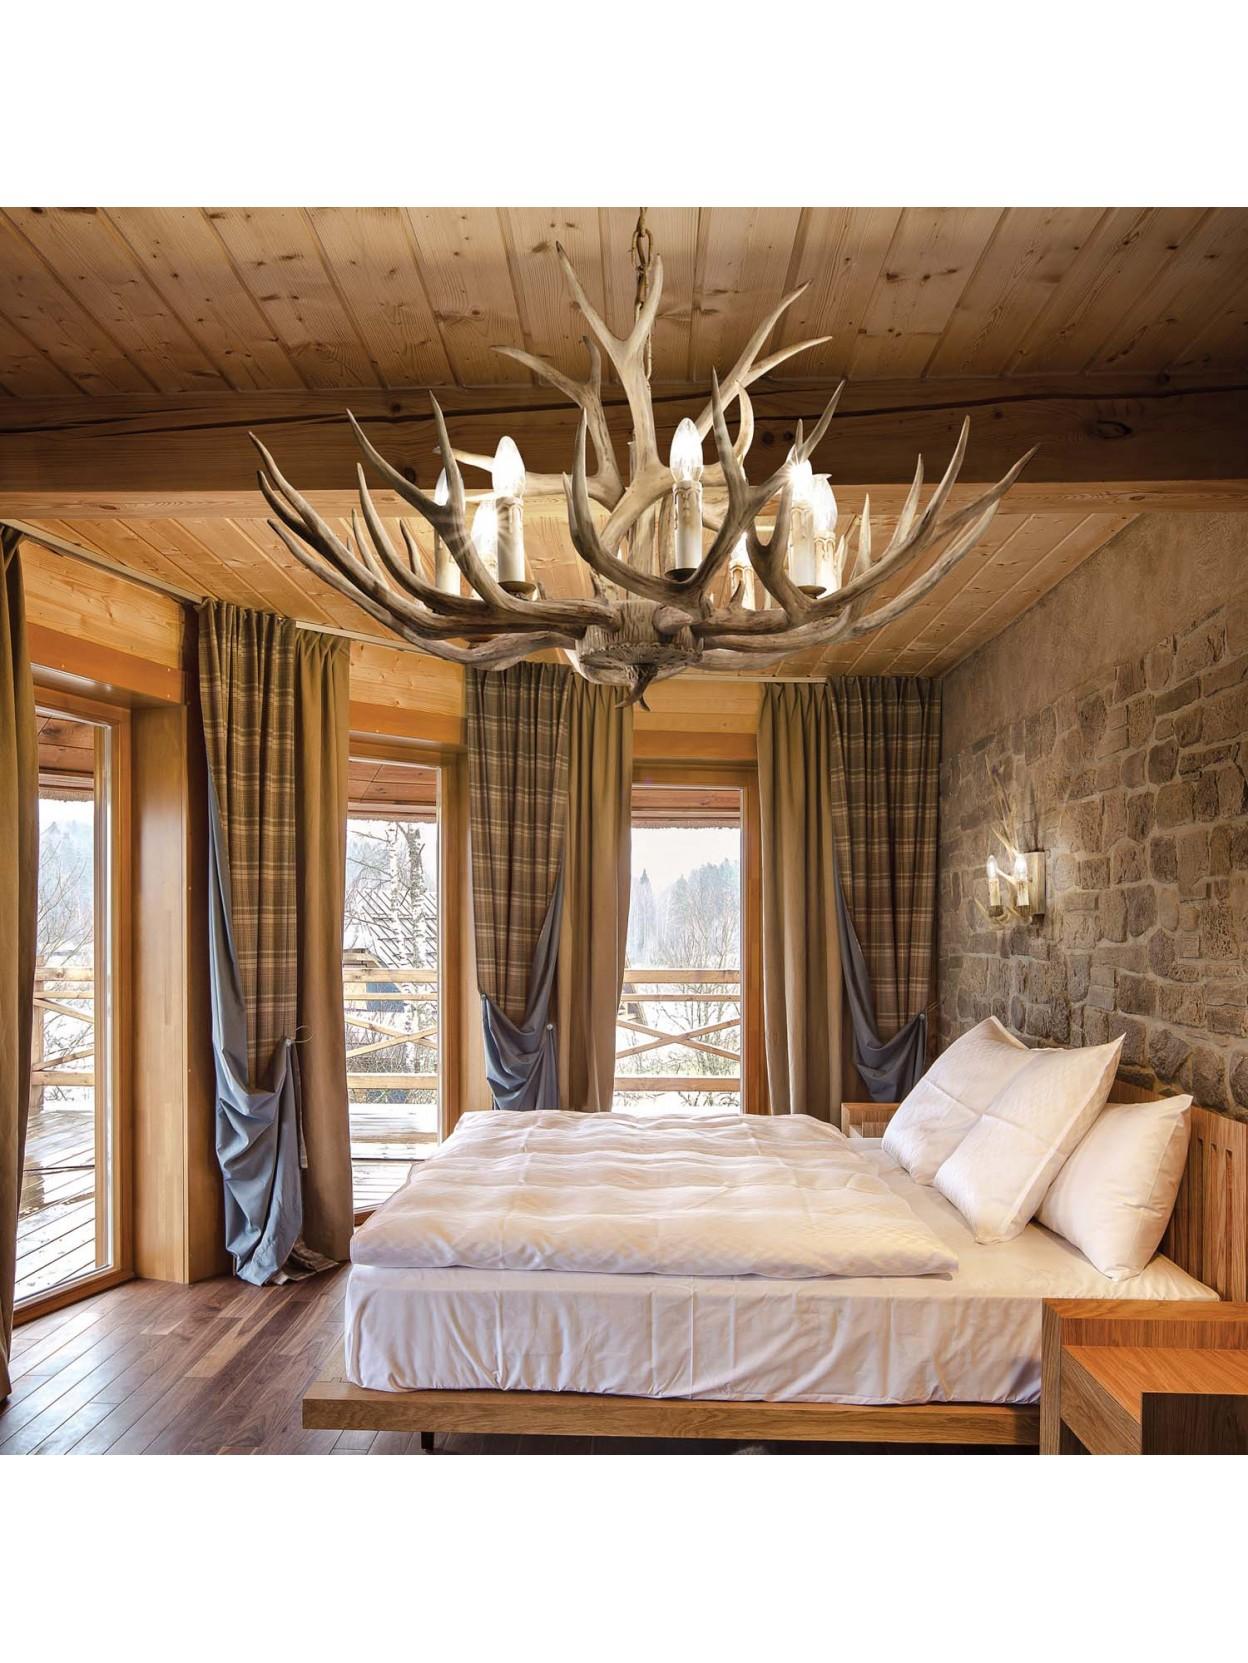 Lampadario rustico in legno intagliato corna 12 luci Chalet